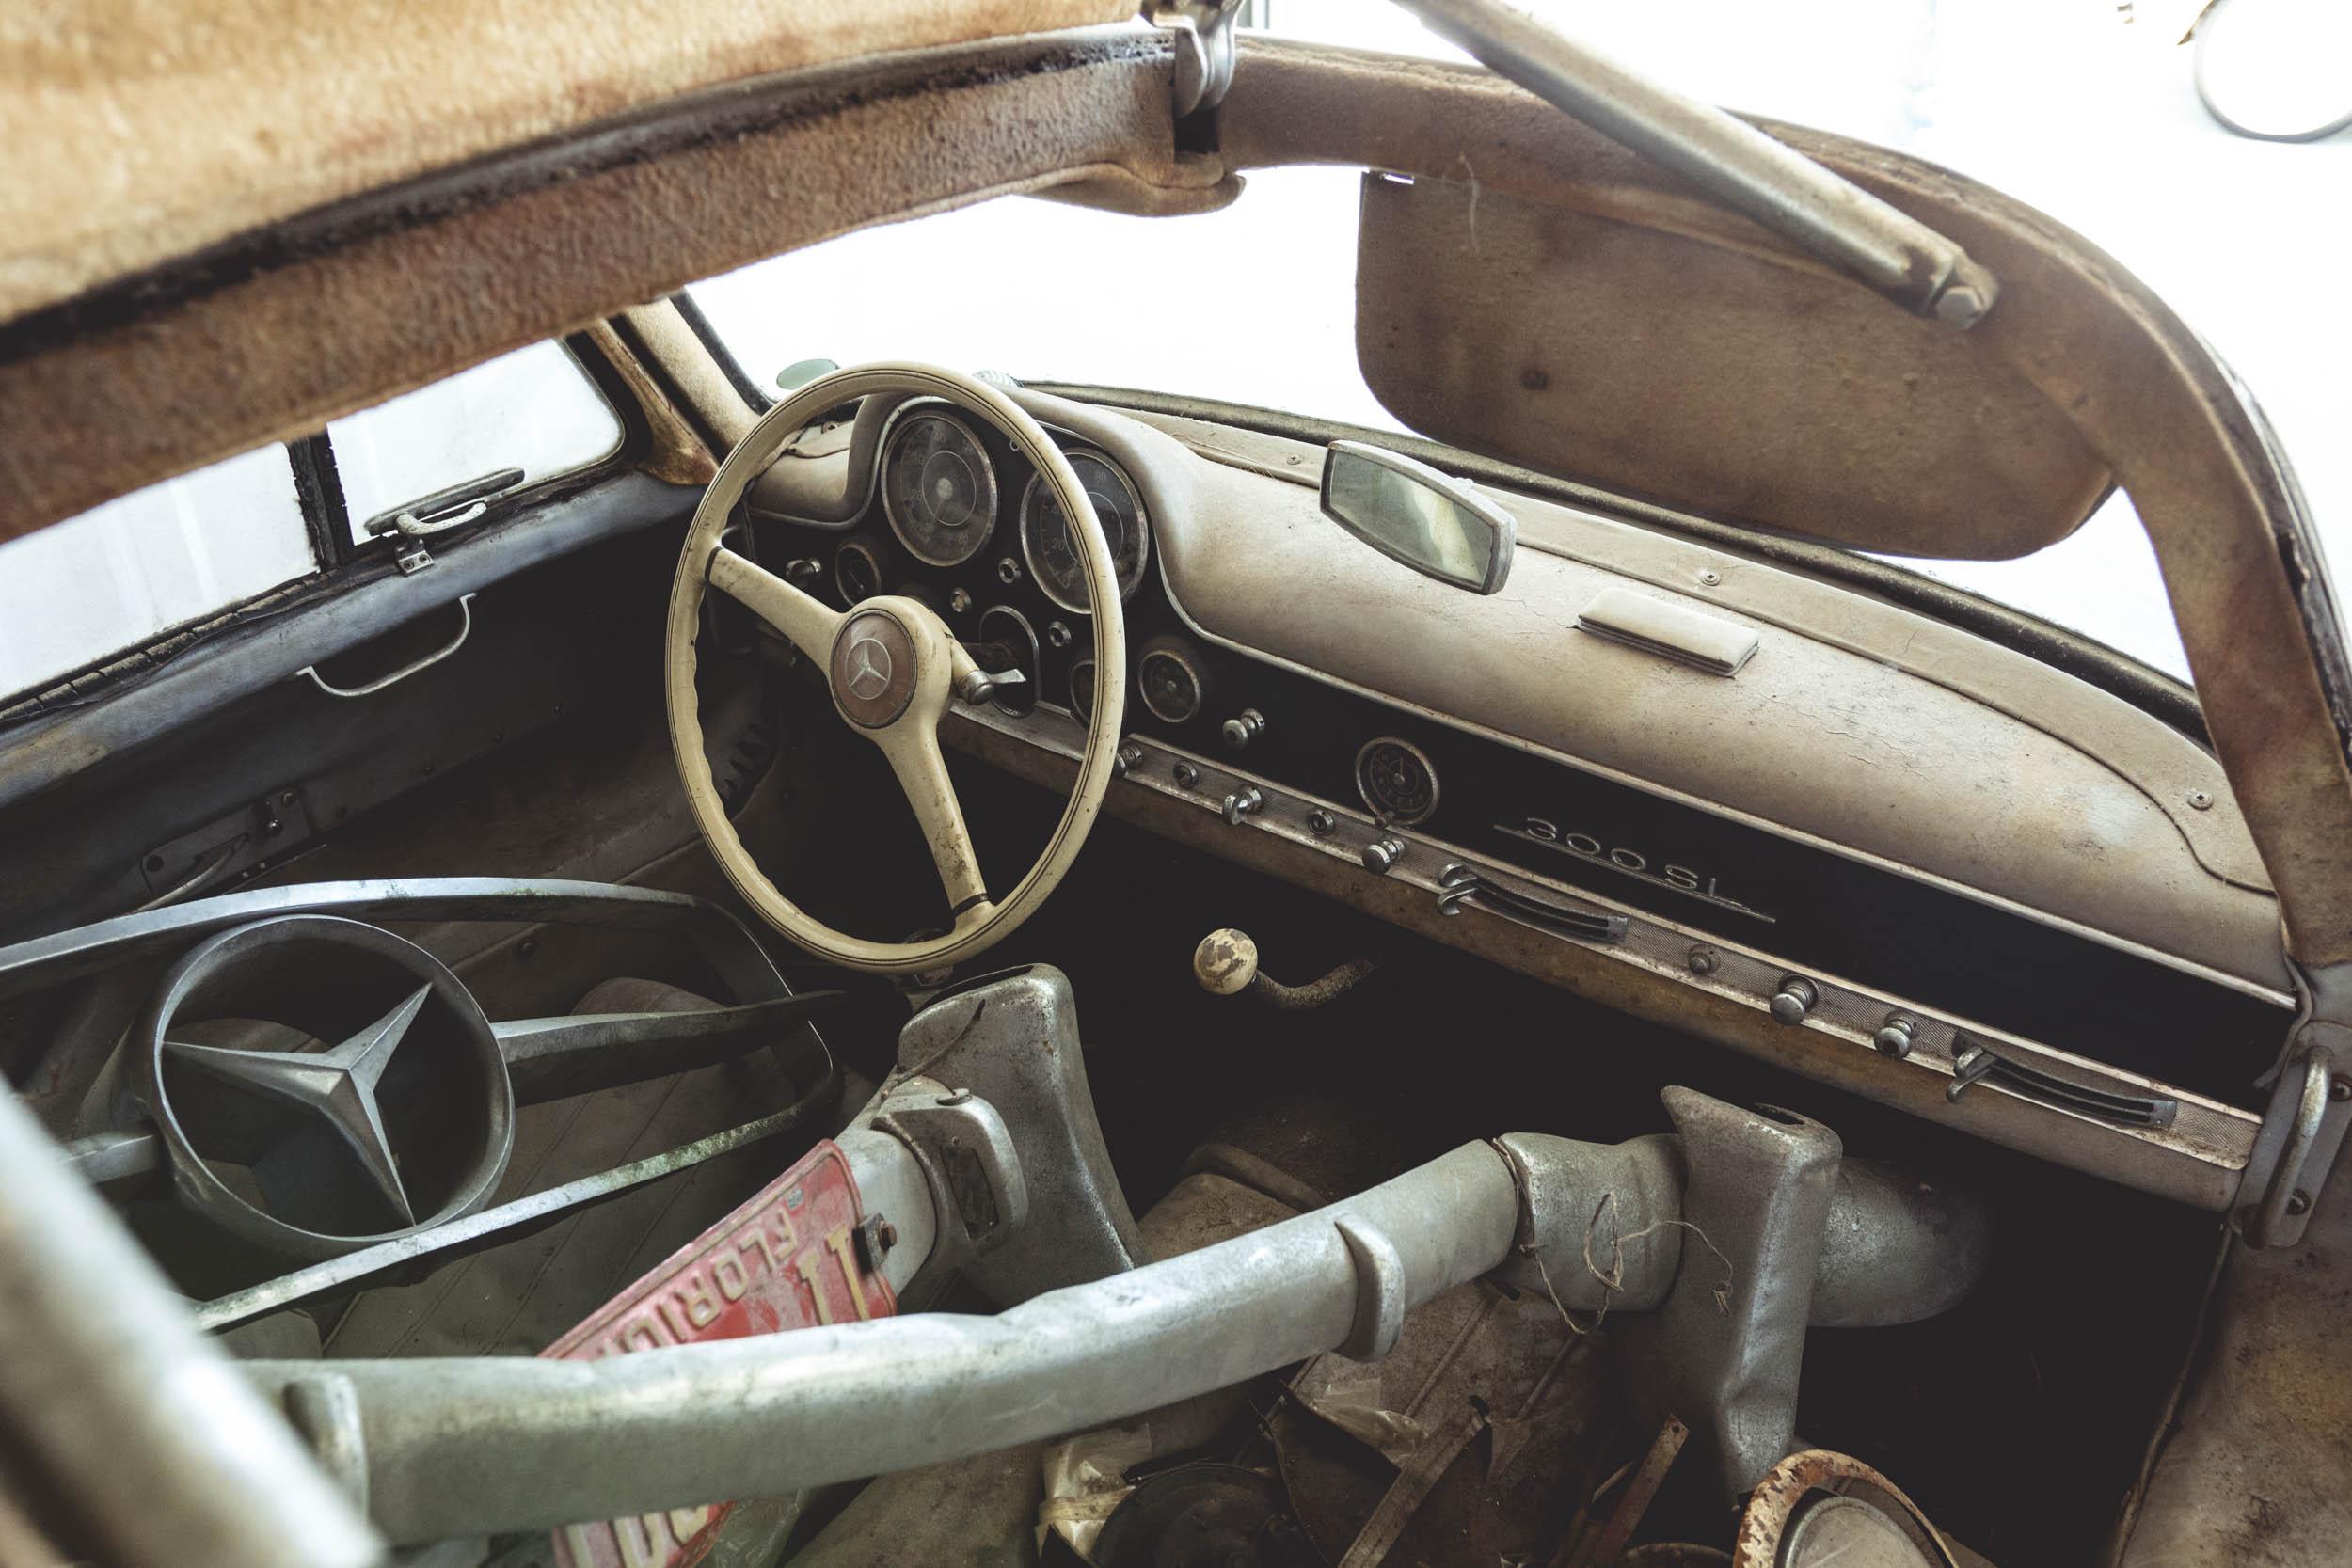 1954 Mercedes-Benz 300SL Gullwing interior